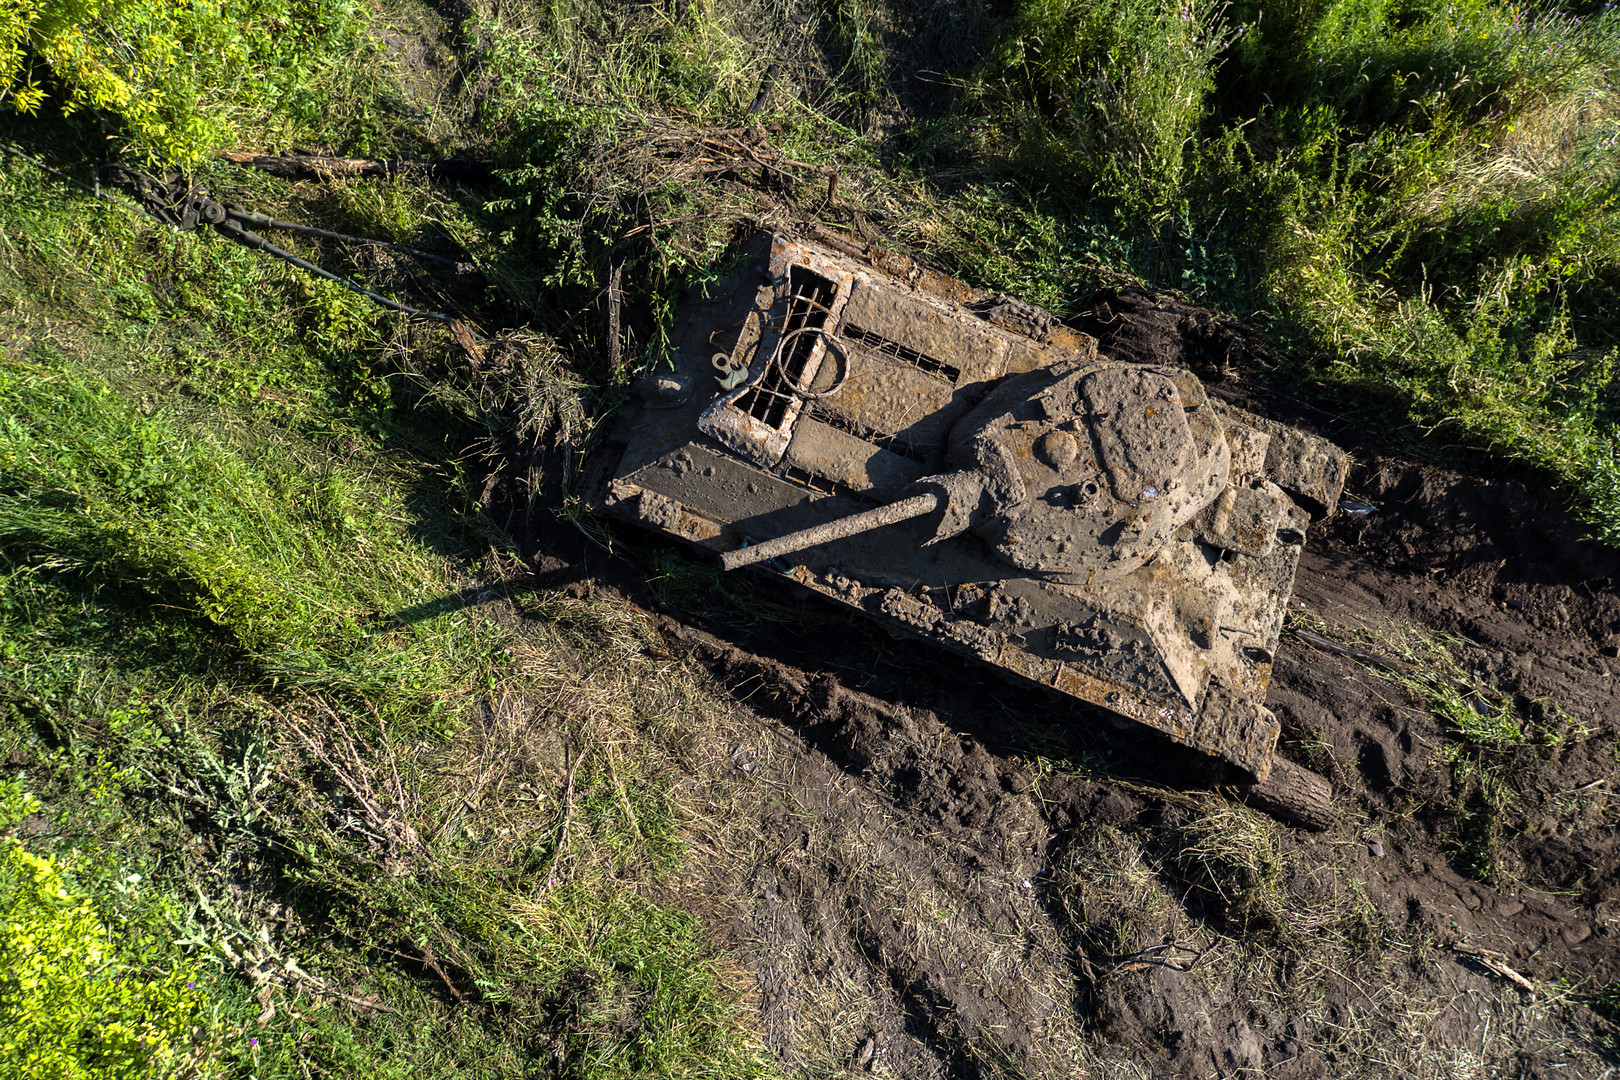 Танк Т-34 Сталинградского тракторного завода, найденный на дне реки Дон в Воронежской области.